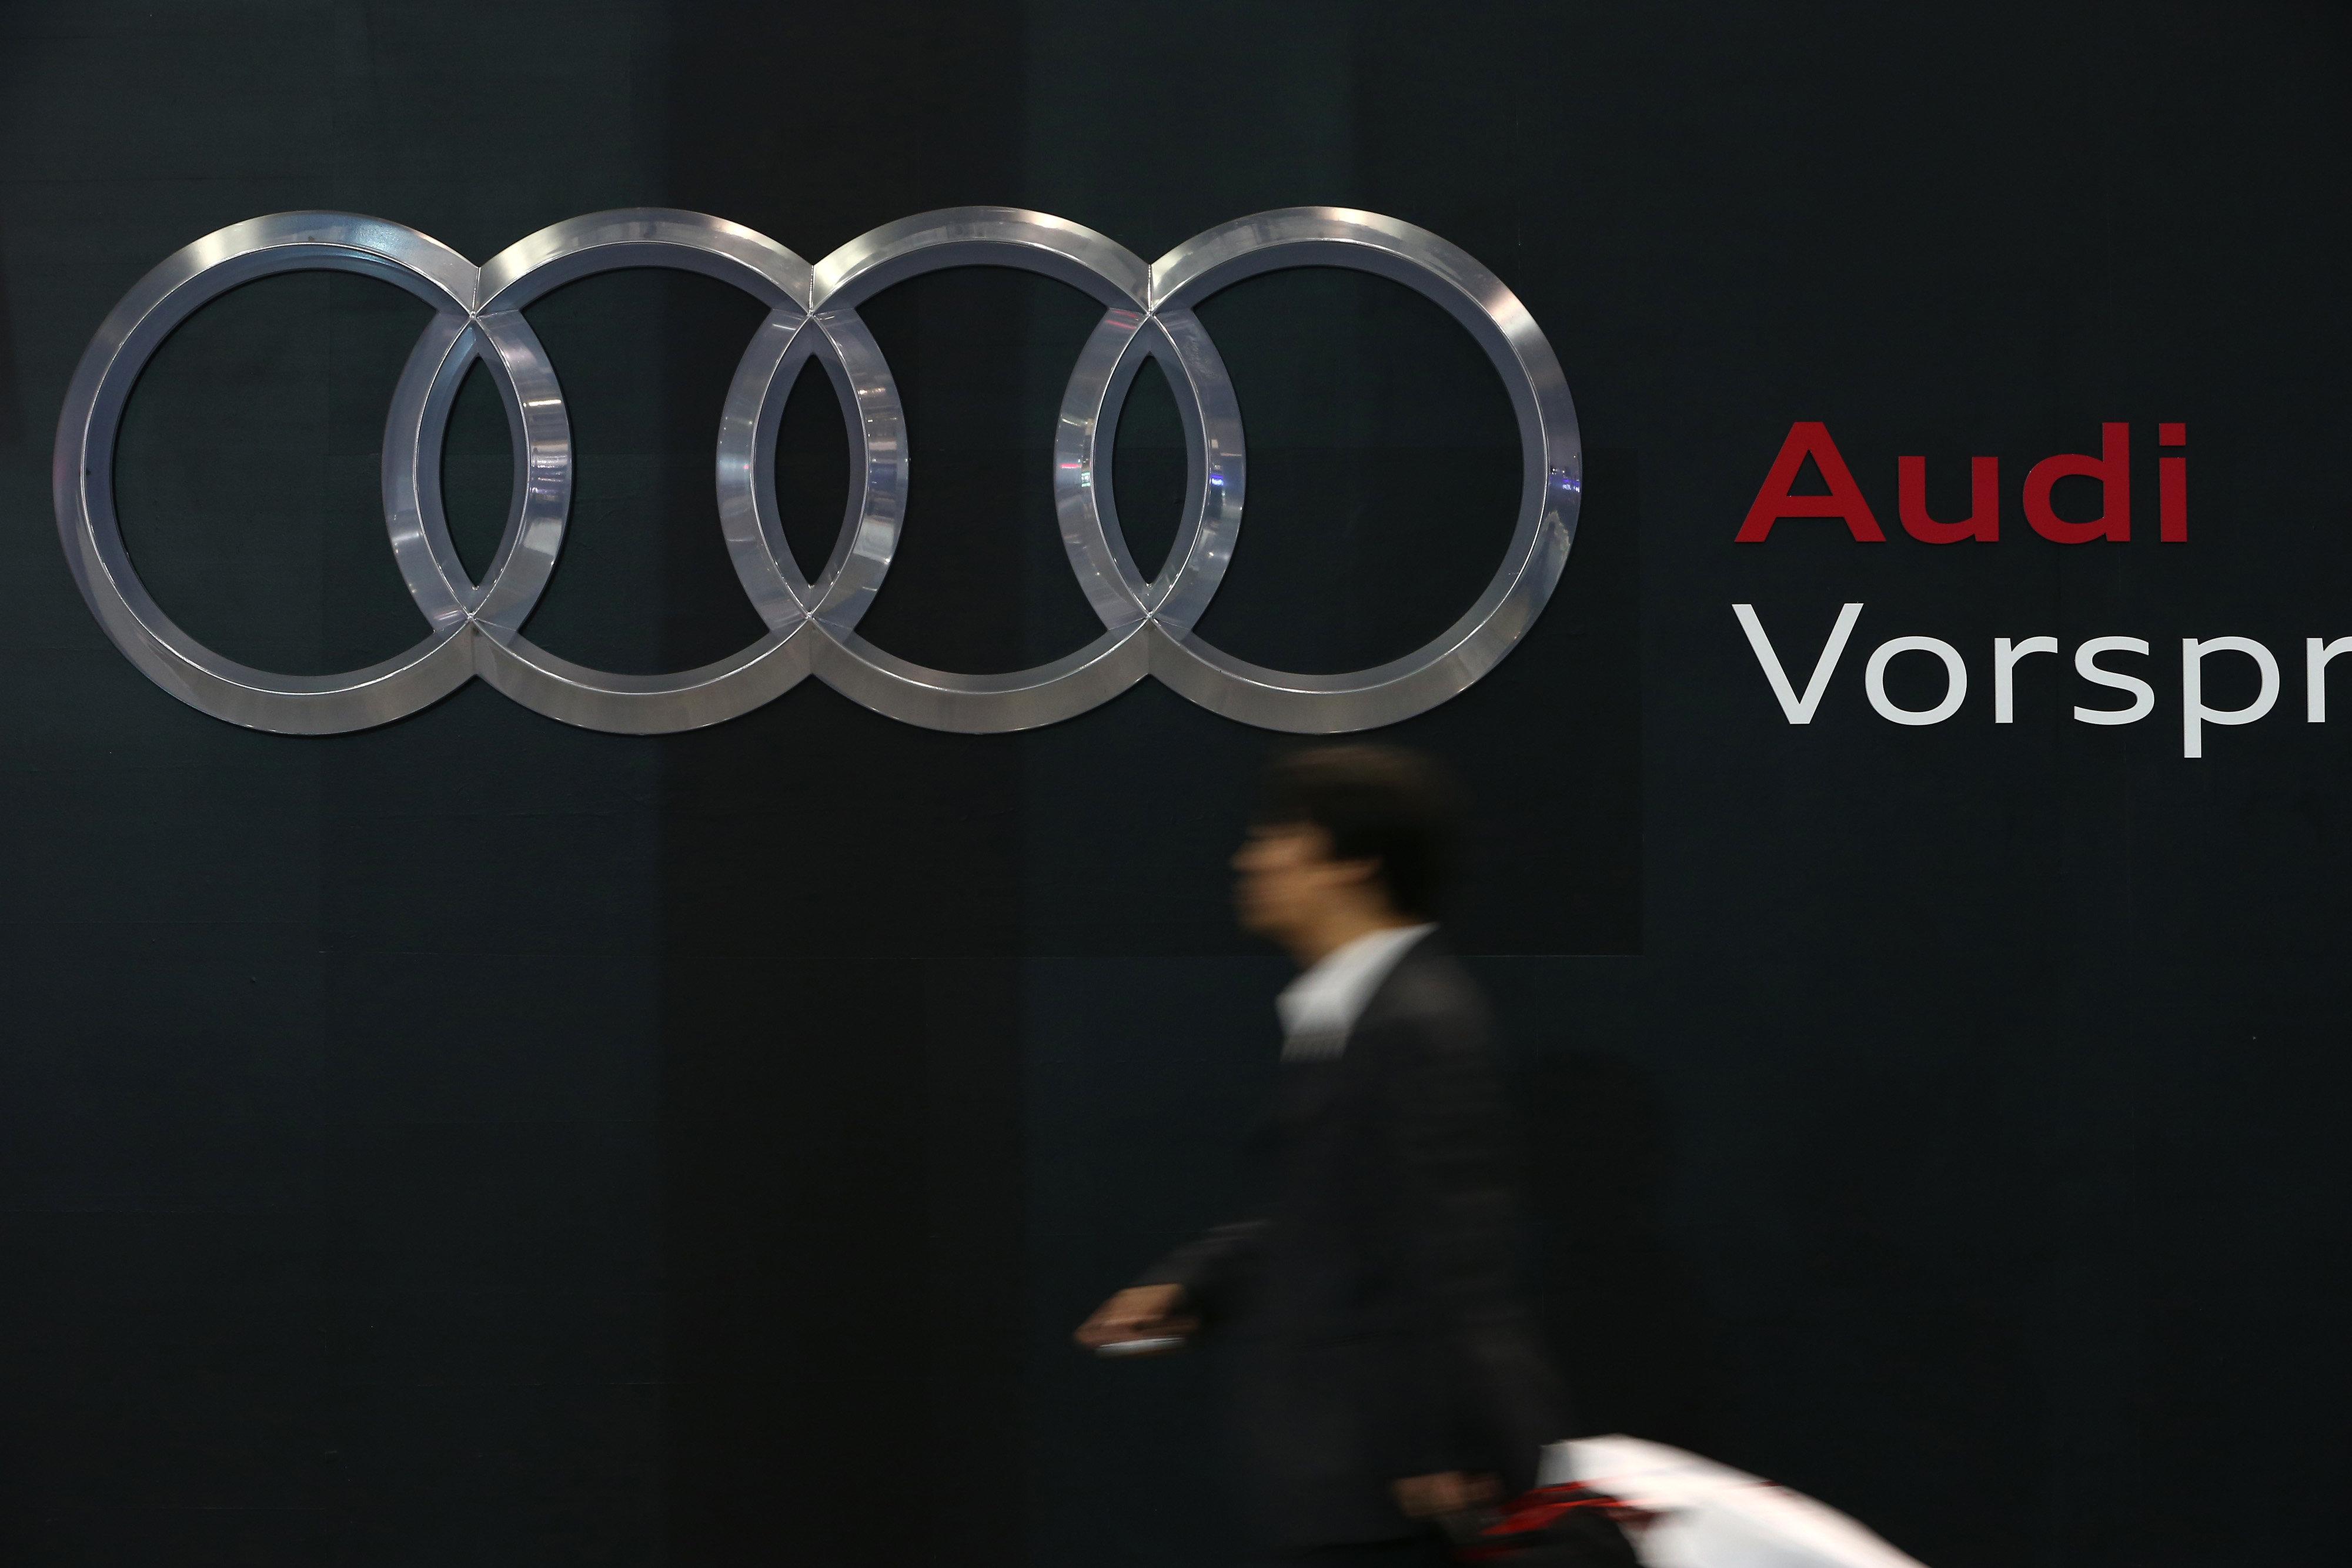 독일 검찰, 한국 수출용 차량 인증서 조작 혐의로 아우디 직원 수사